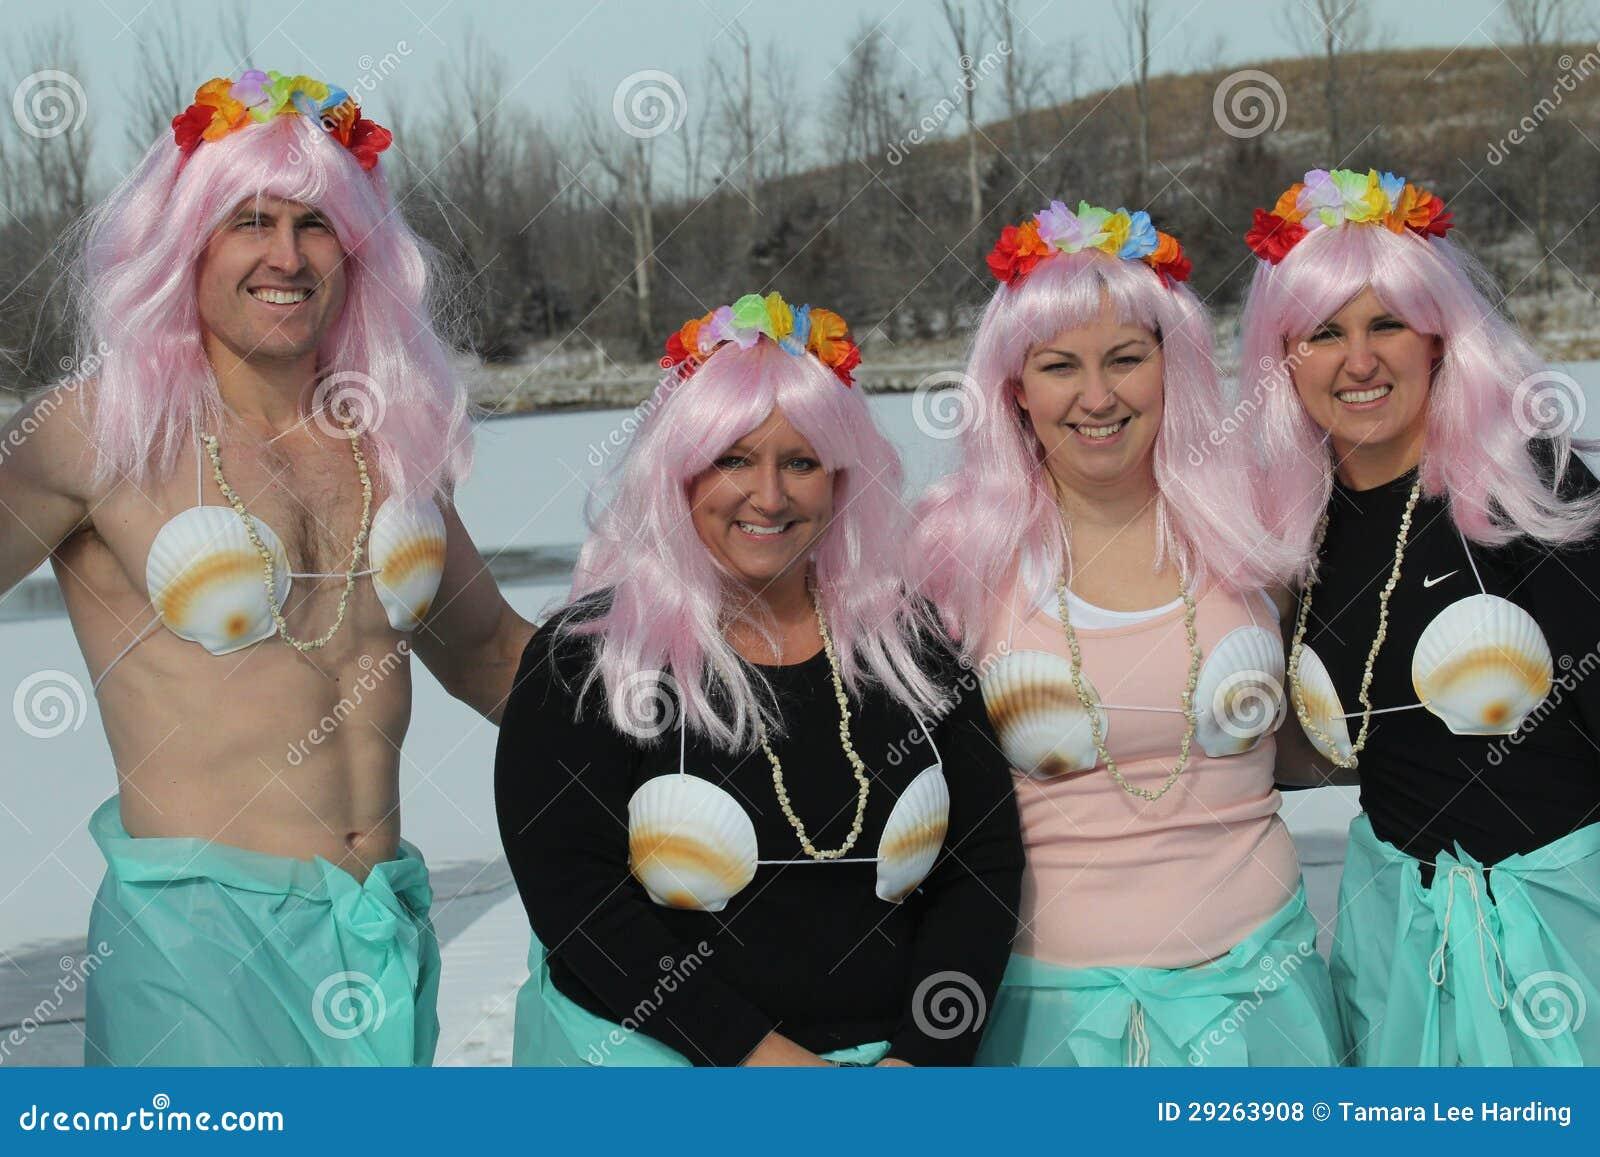 Immersione polare del Nebraska di giochi paraolimpici con i partecipanti costumed